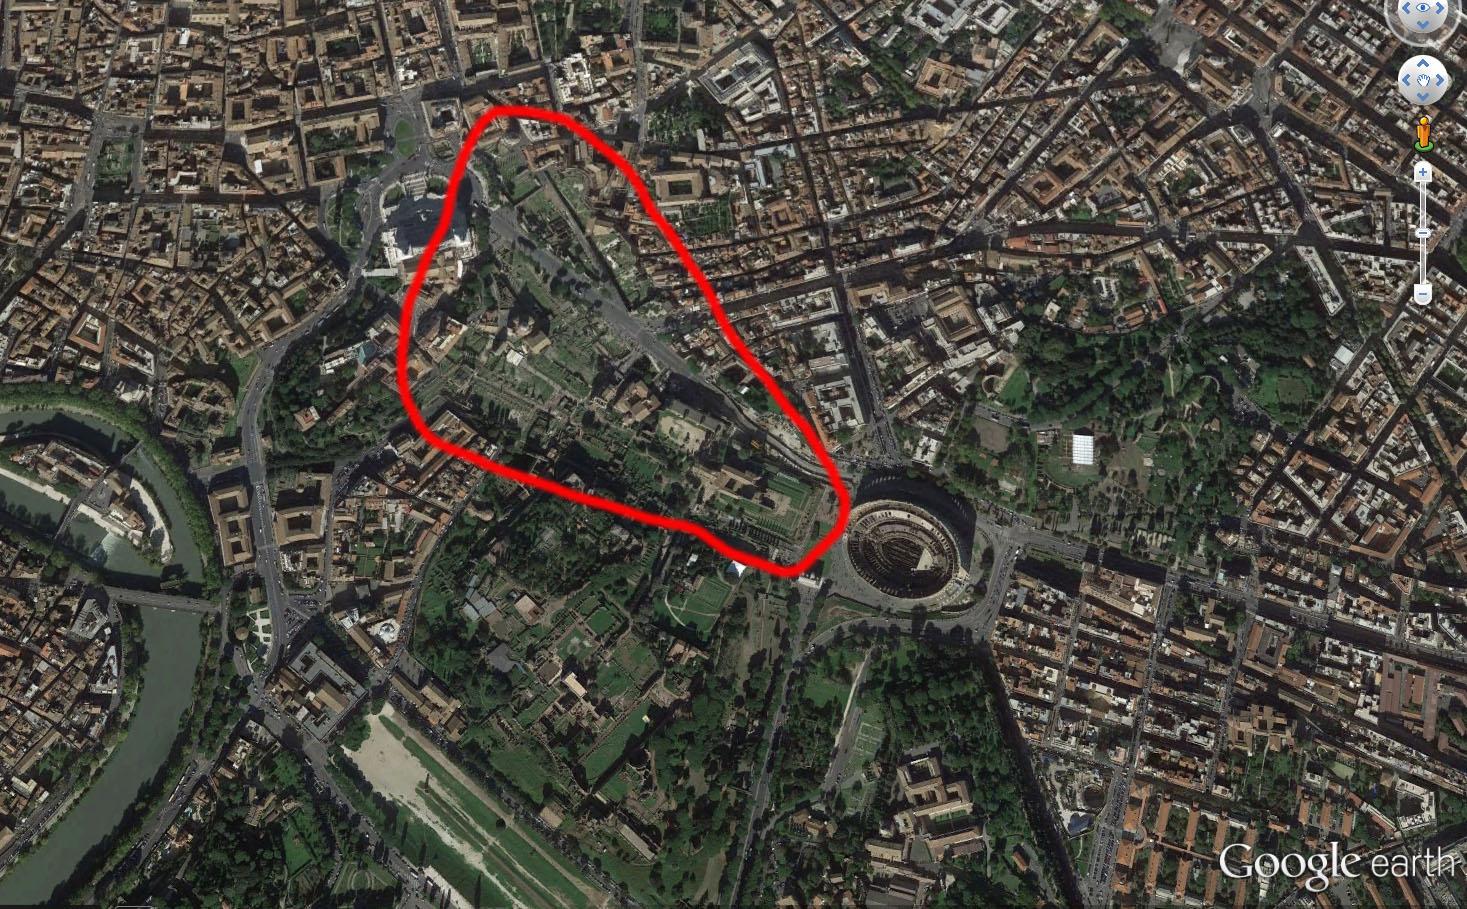 Forum Romano aereo.jpg